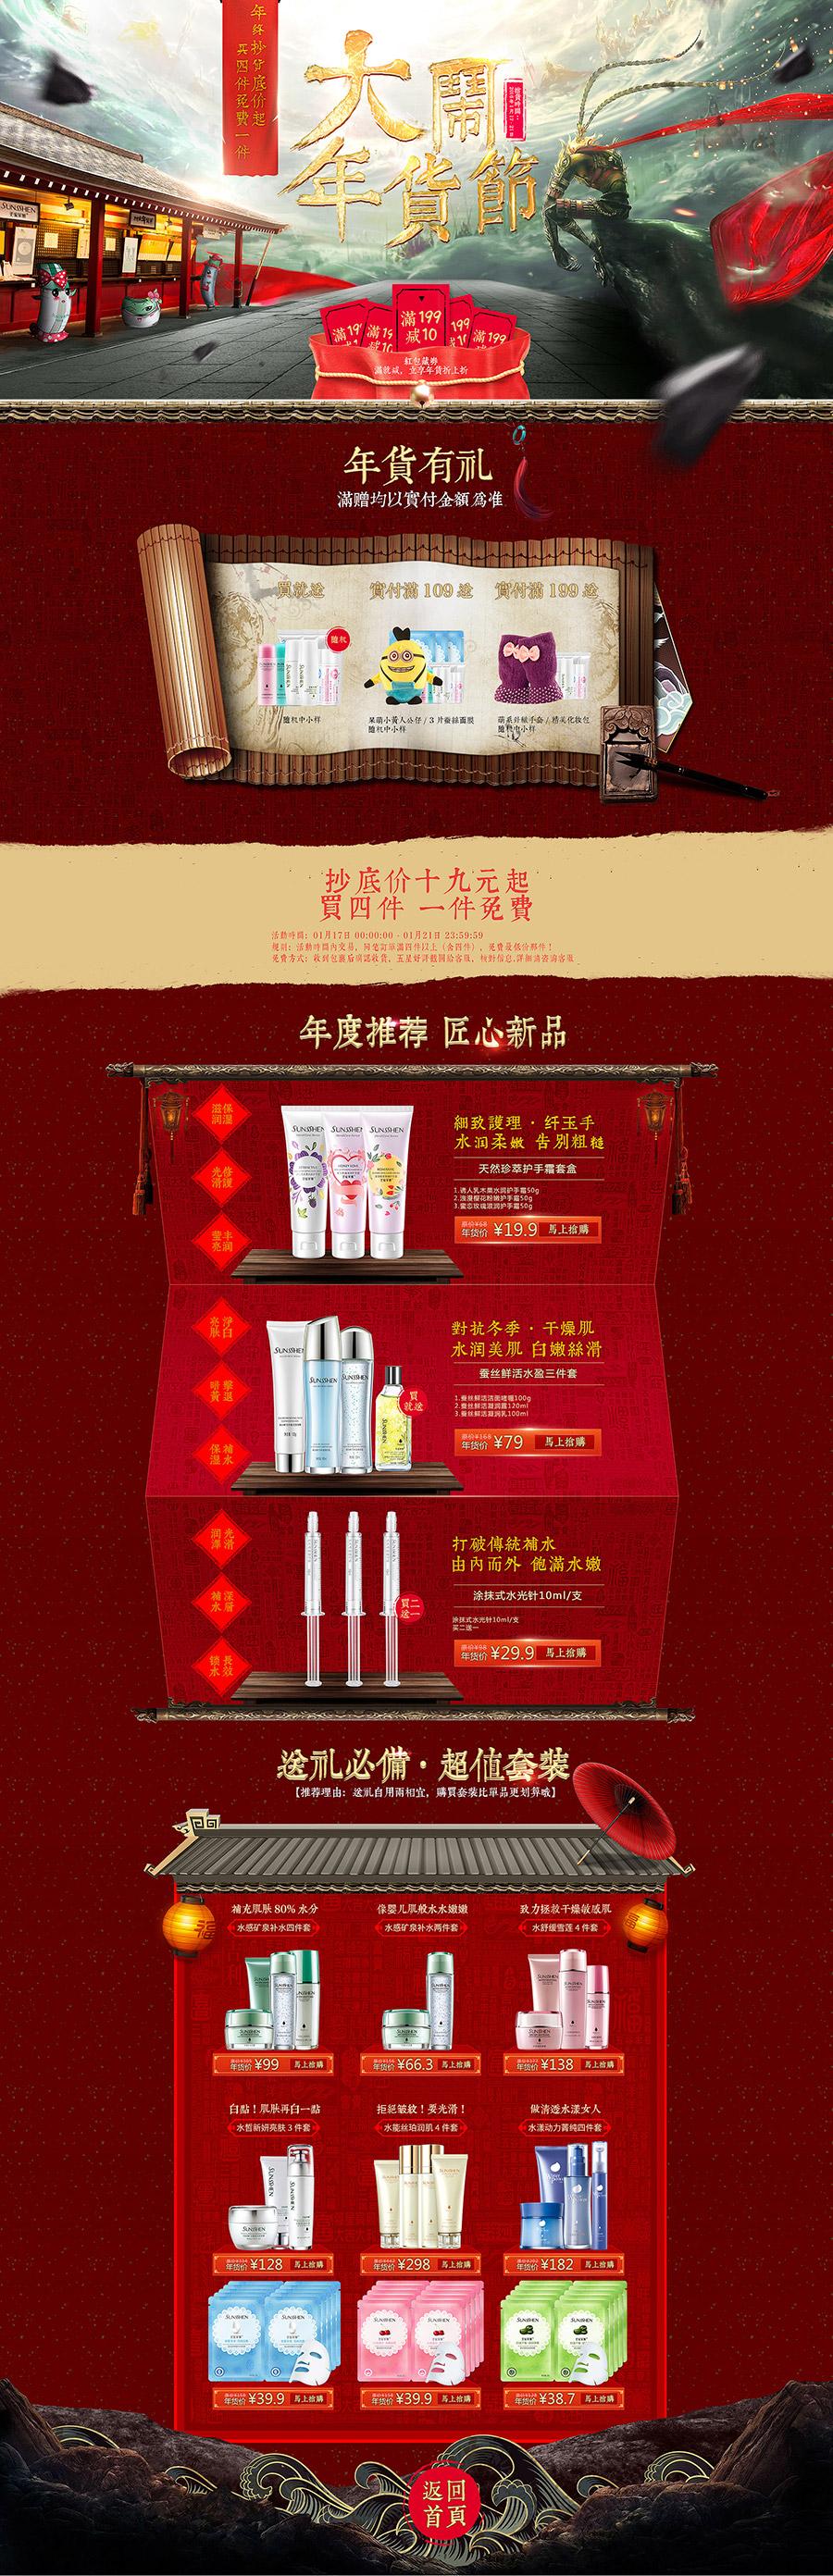 年货节美容化妆品首页-sunsshen圣蜜莱雅旗舰店